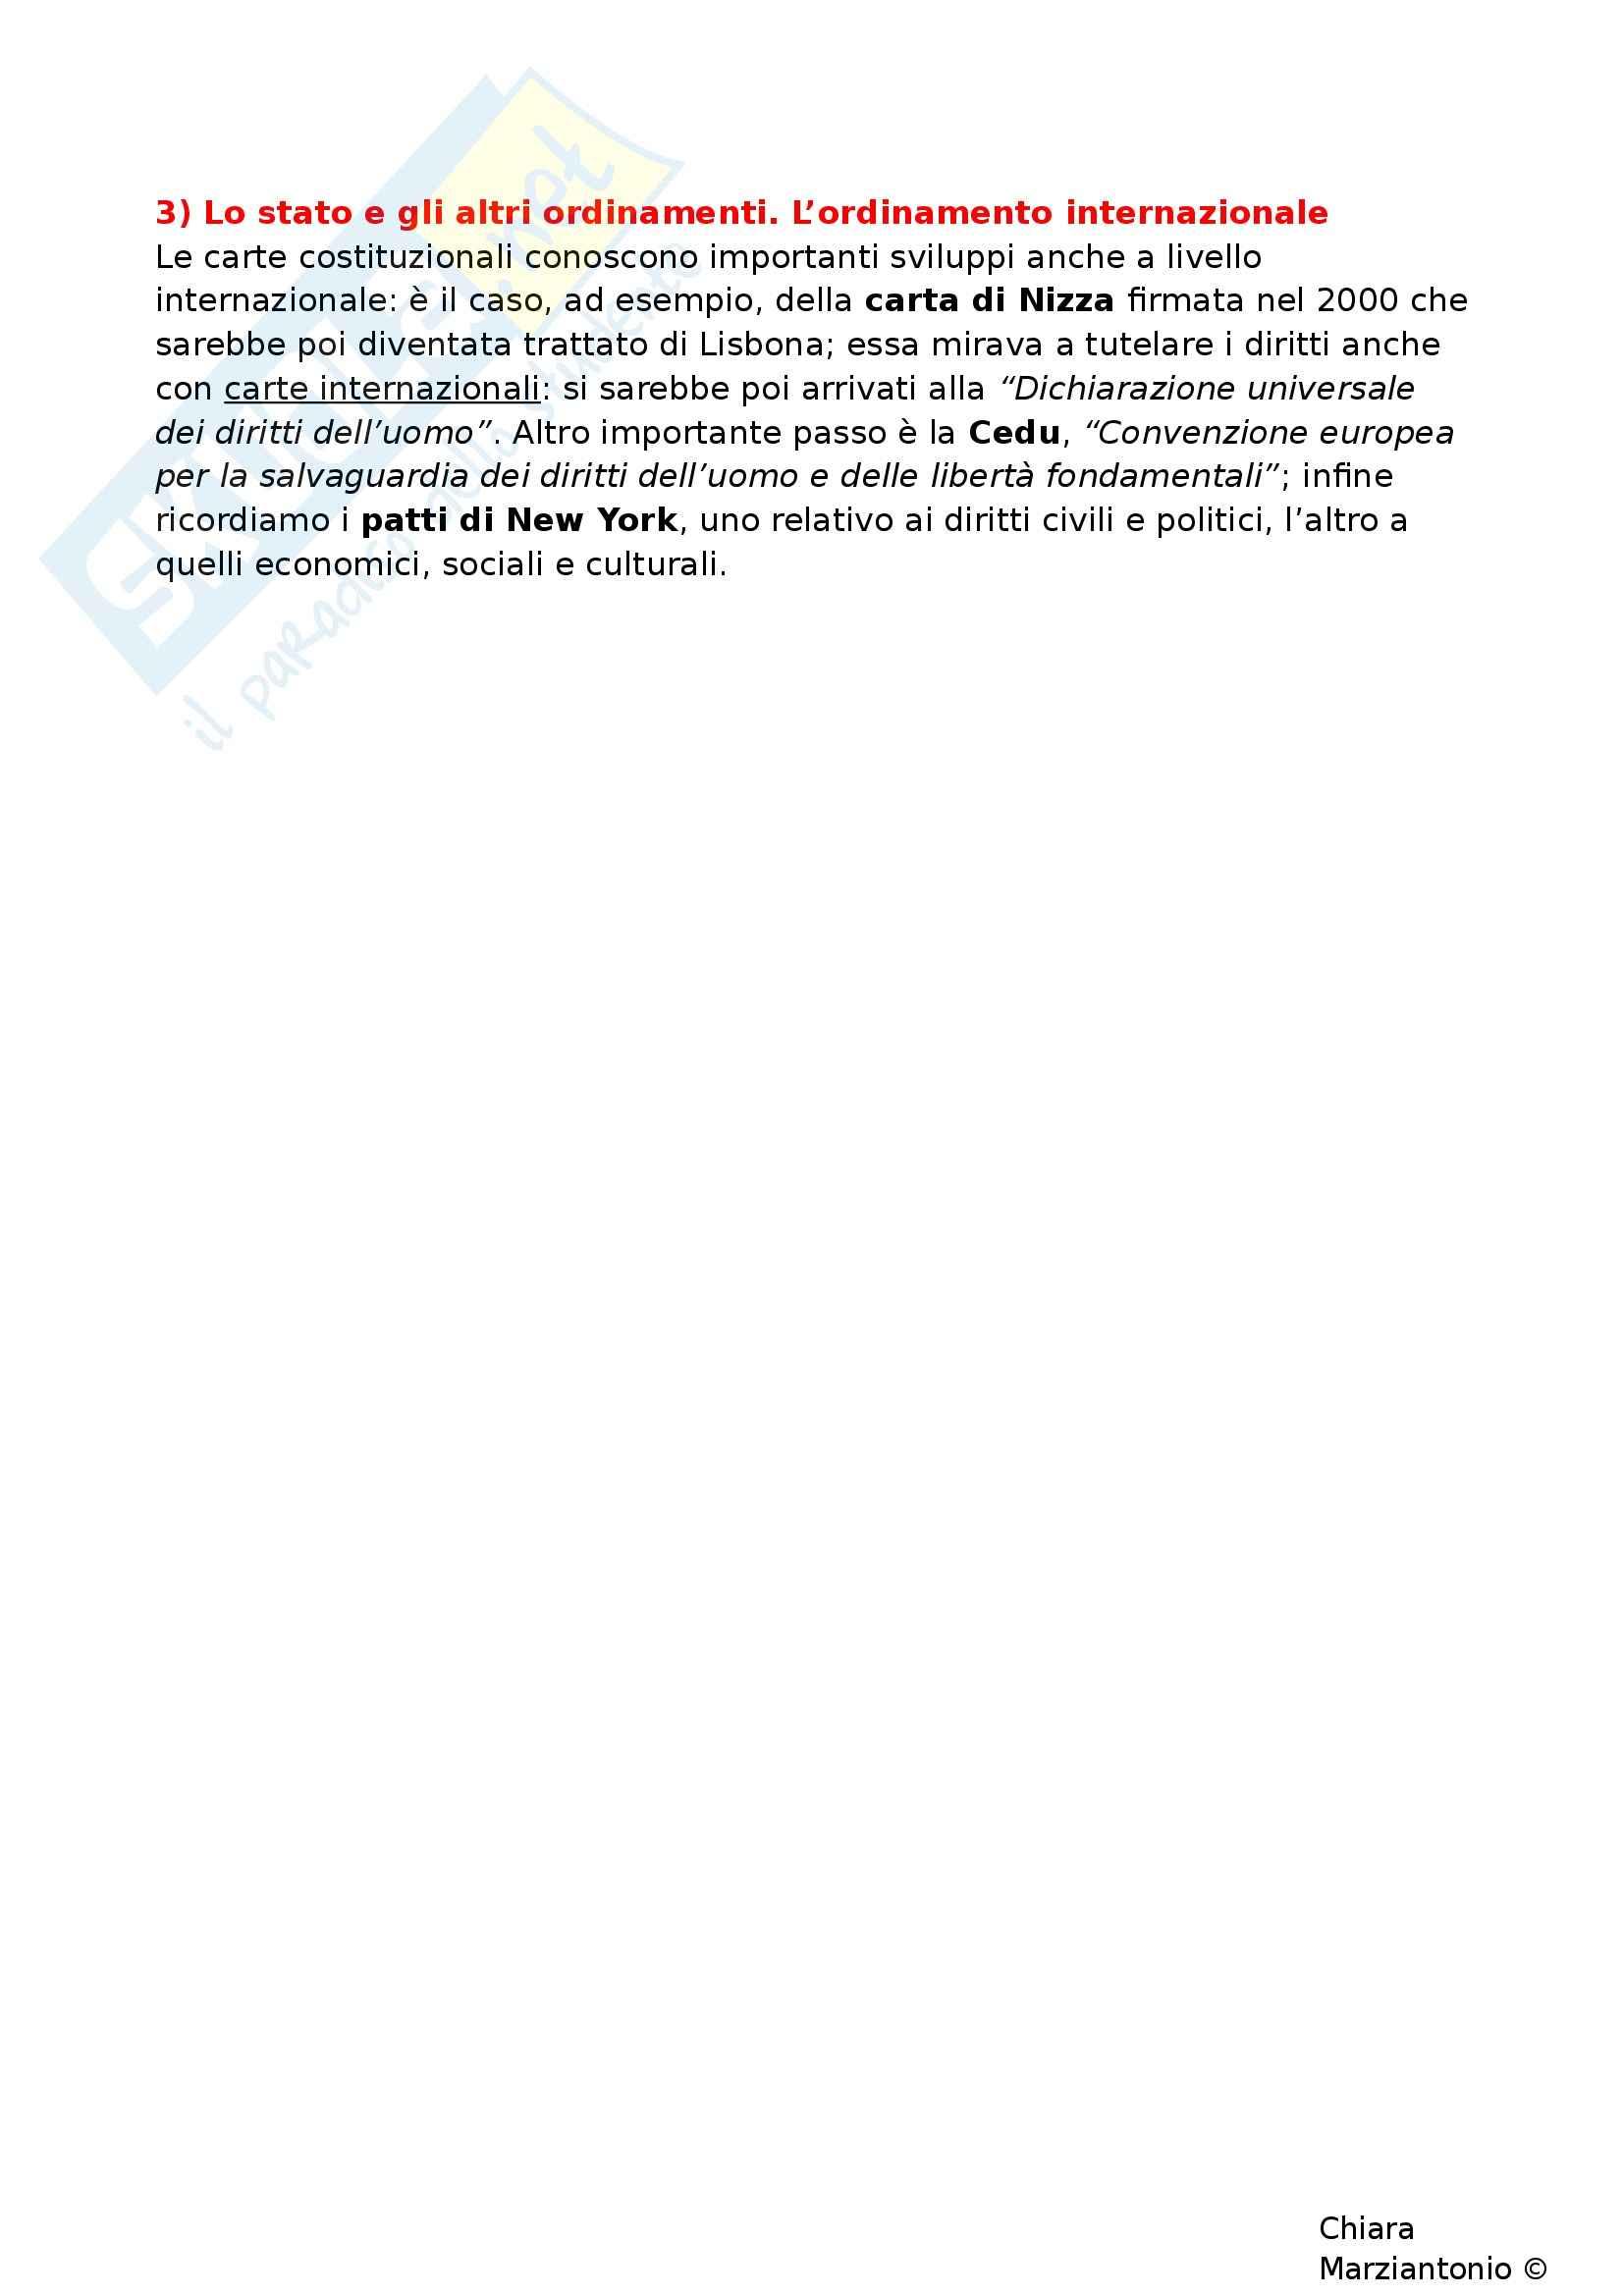 Riassunto esame Istituzioni di Diritto Pubblico, prof. Corsi, libro consigliato Corso di Diritto Pubblico, Barbera, Fusaro - cap. 3